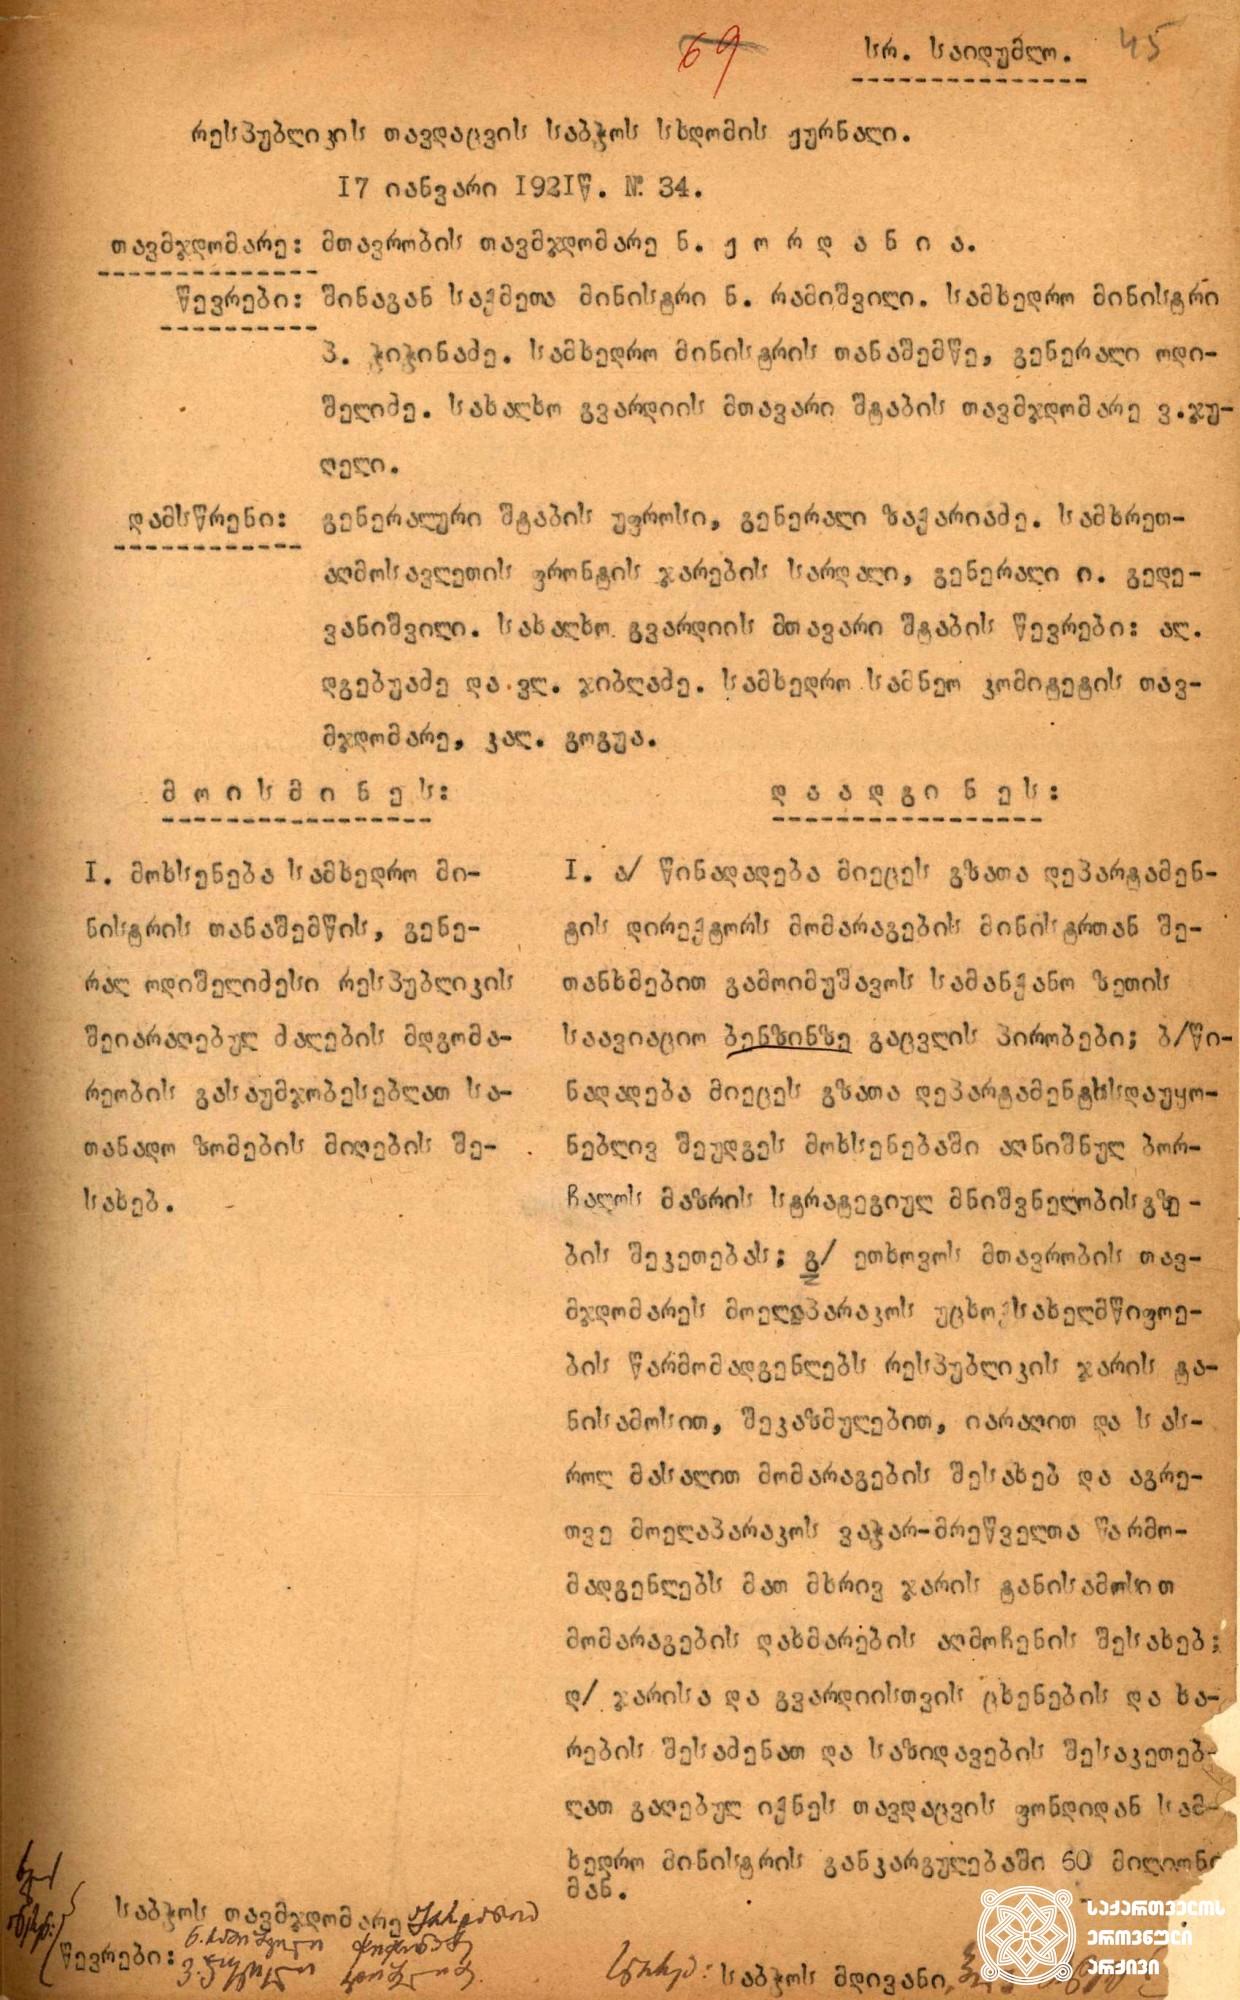 შეიარაღებული ძალების მზადება მოახლოებული ომისთვის. <br> საქართველოს რესპუბლიკის თავდაცვის საბჭოს 1921 წლის 17 იანვრის სხდომის ოქმი. <br> 1921 წლის 17 იანვარი. <br> Preparation of the Armed Forces for the impending war. <br> Minutes of the January 17, 1921 sitting of the Defense Council of the Republic of Georgia. January 17, 1921. <br>